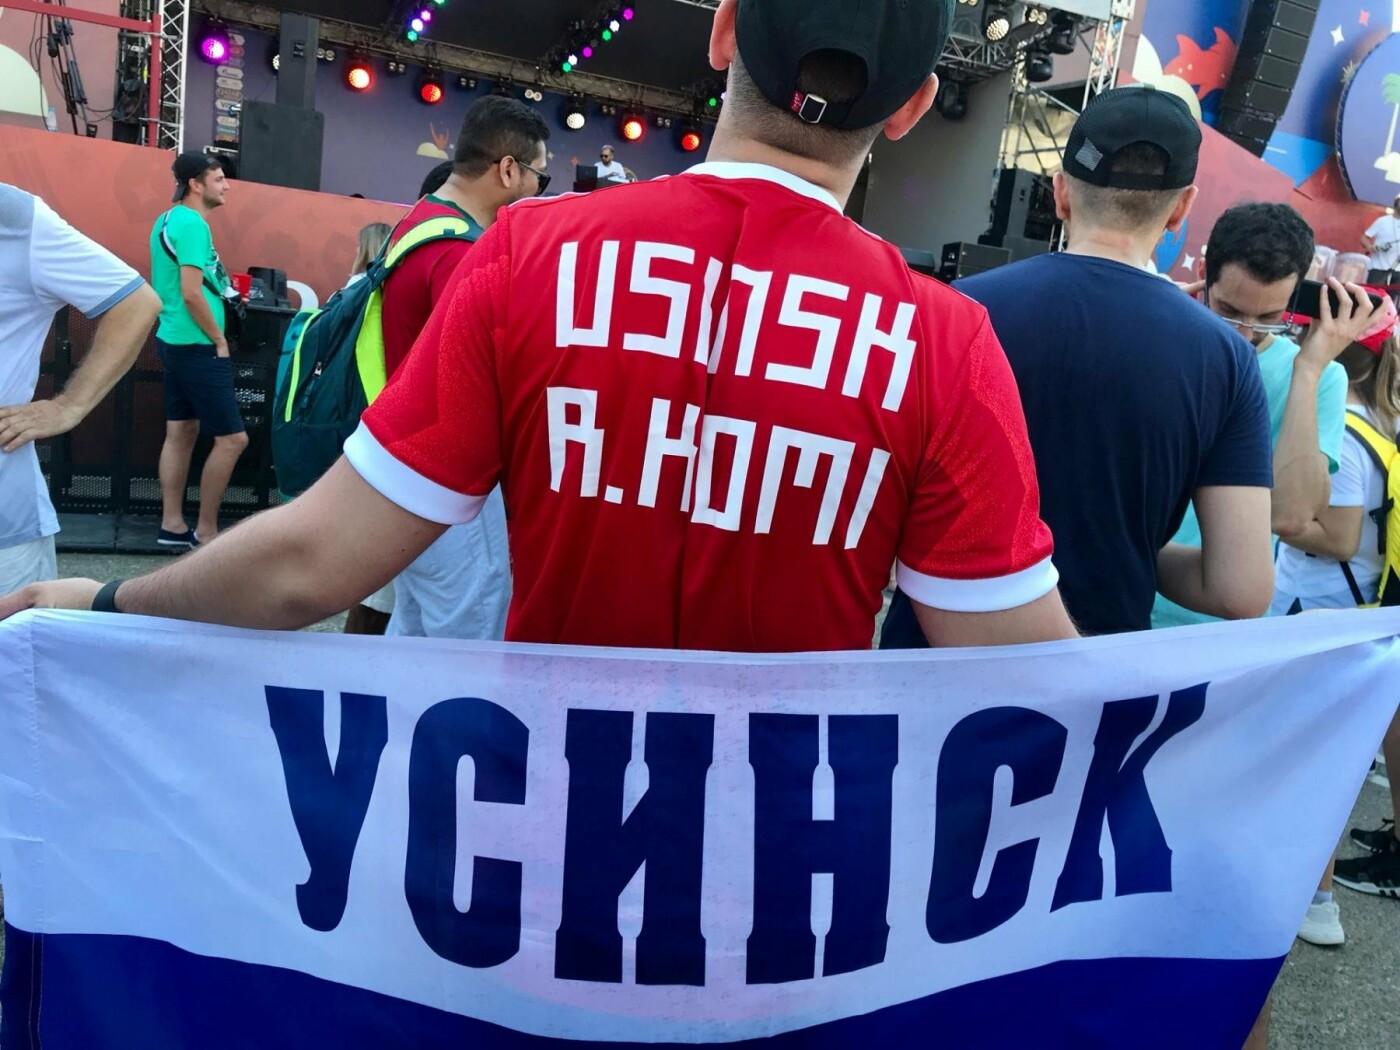 Представители Усинска поддерживают сборную страны на Чемпионате мира в России. Фестиваль болельщиков FIFA. Территория Южного мола морского порта города Сочи